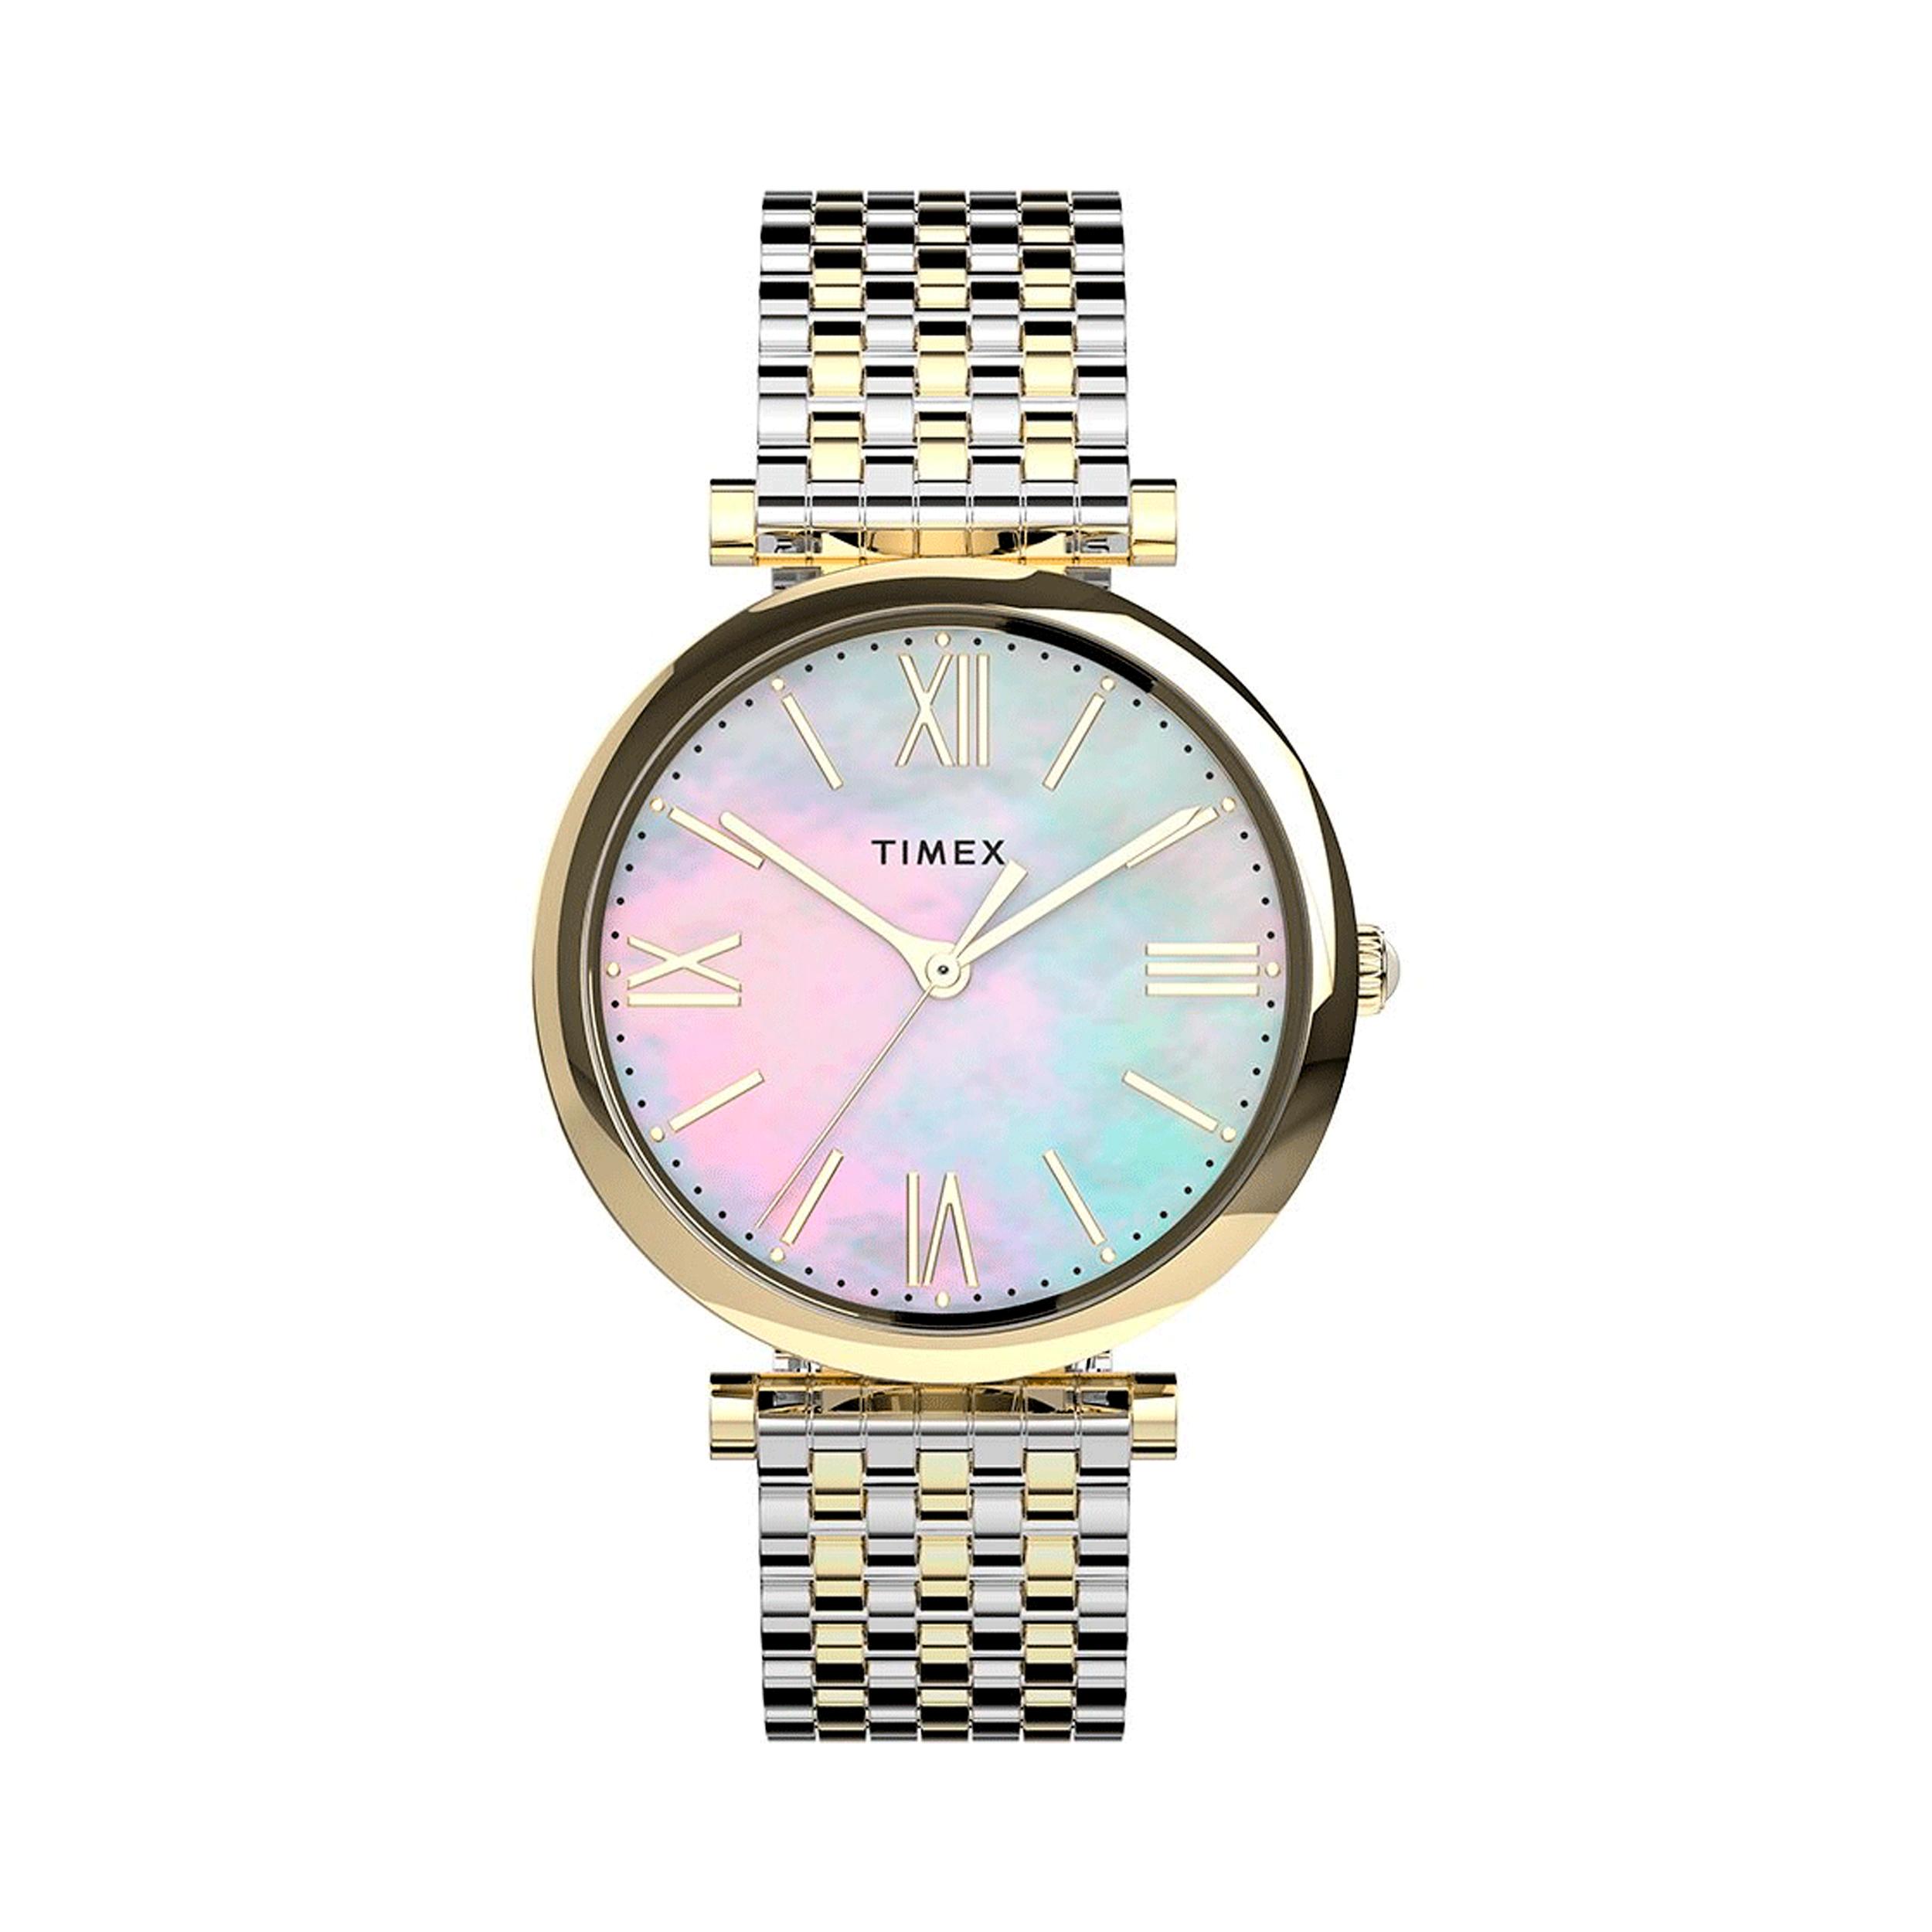 ساعت مچی عقربه ای زنانه تایمکس مدل TW2T79400